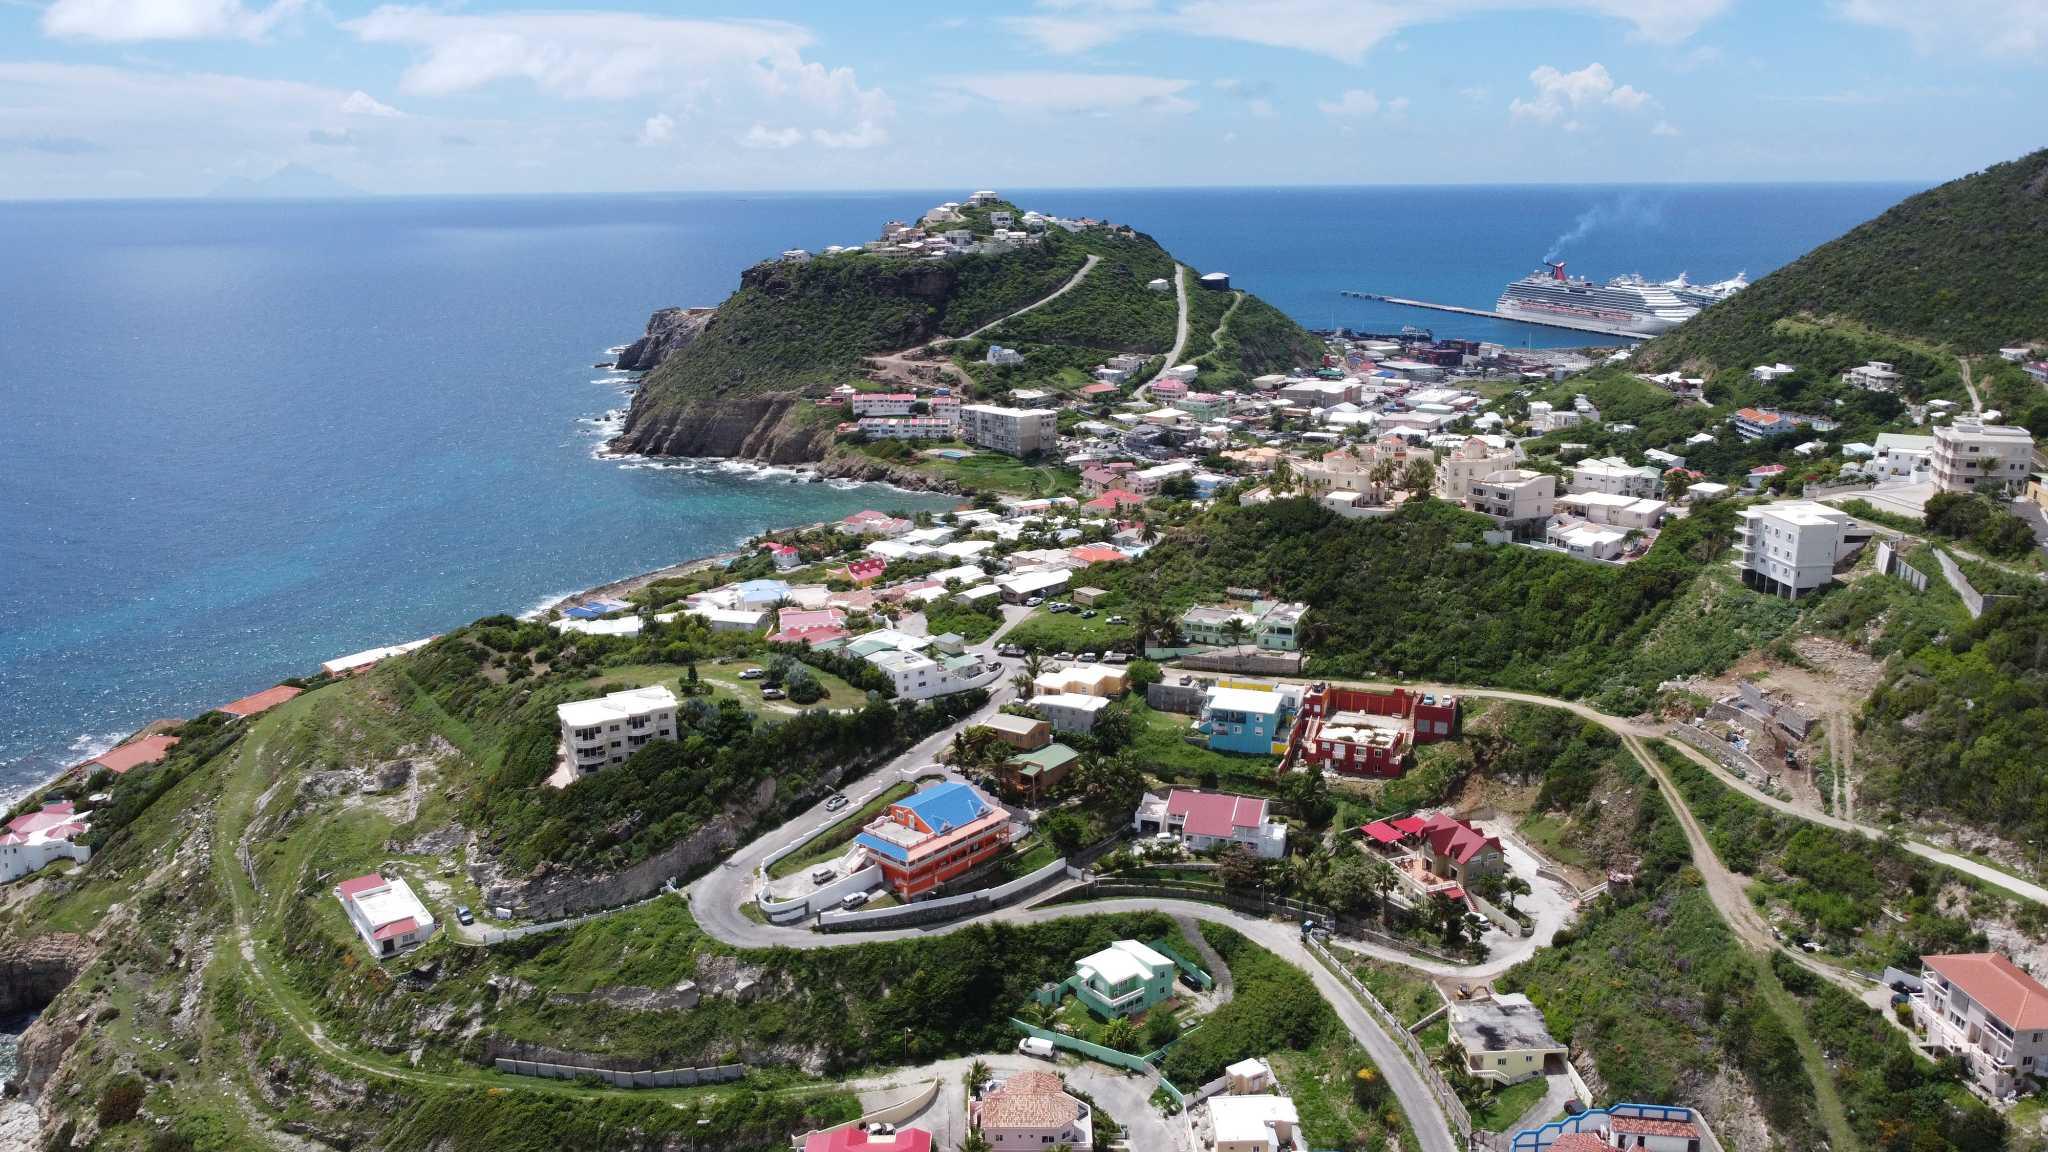 Buy Property In Point Blanche St Maarten